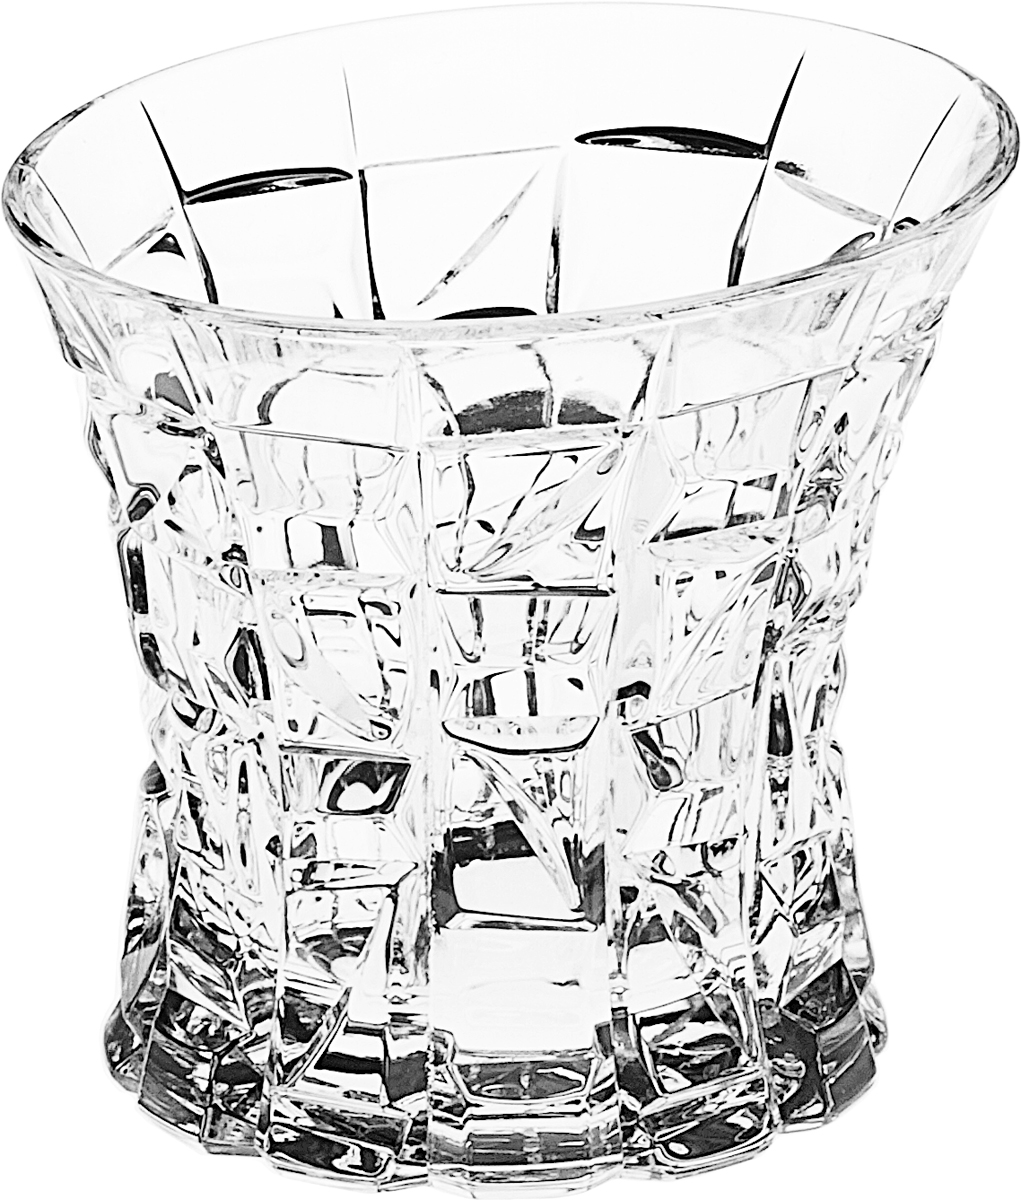 Стакан Crystal Bohemia, 200 мл, 2 шт990/23203/0/47610/200-209Стакан Crystal Bohemia выполнен из настоящего чешского хрусталя с содержанием оксида свинца 24%, что придает изделию поразительную прозрачность и чистоту, невероятный блеск, присущий только ювелирным изделиям, особое, ни с чем не сравнимое светопреломление и игру всеми красками спектра как при естественном, так и при искусственном освещении. В комплекте 2 стакана.